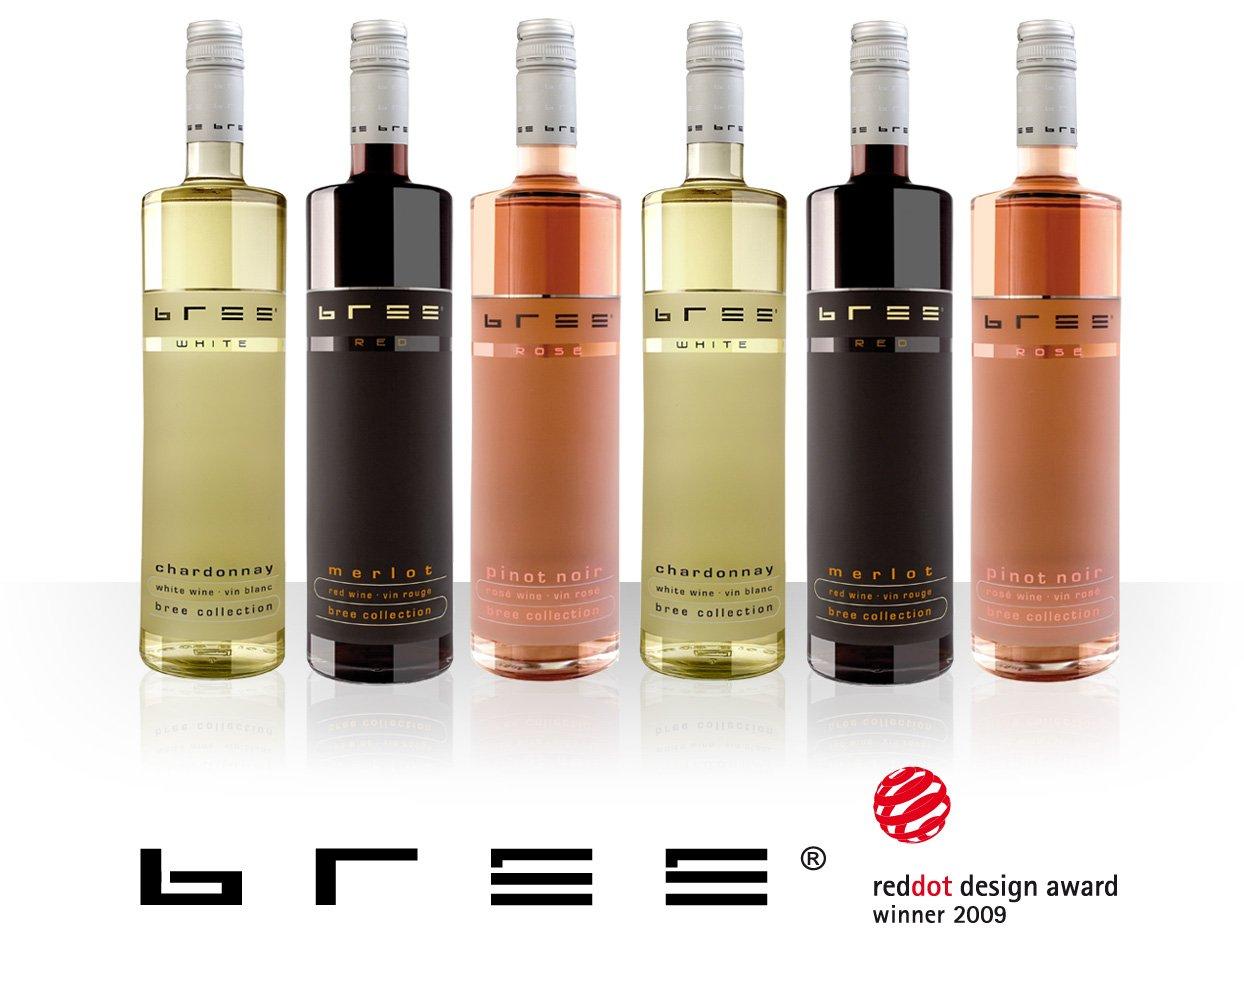 gemütlich frisch 2019 Ausverkauf diversifiziert in der Verpackung BREE Wein-Paket 3x2 BREE Weine: Amazon.de: Bier, Wein ...